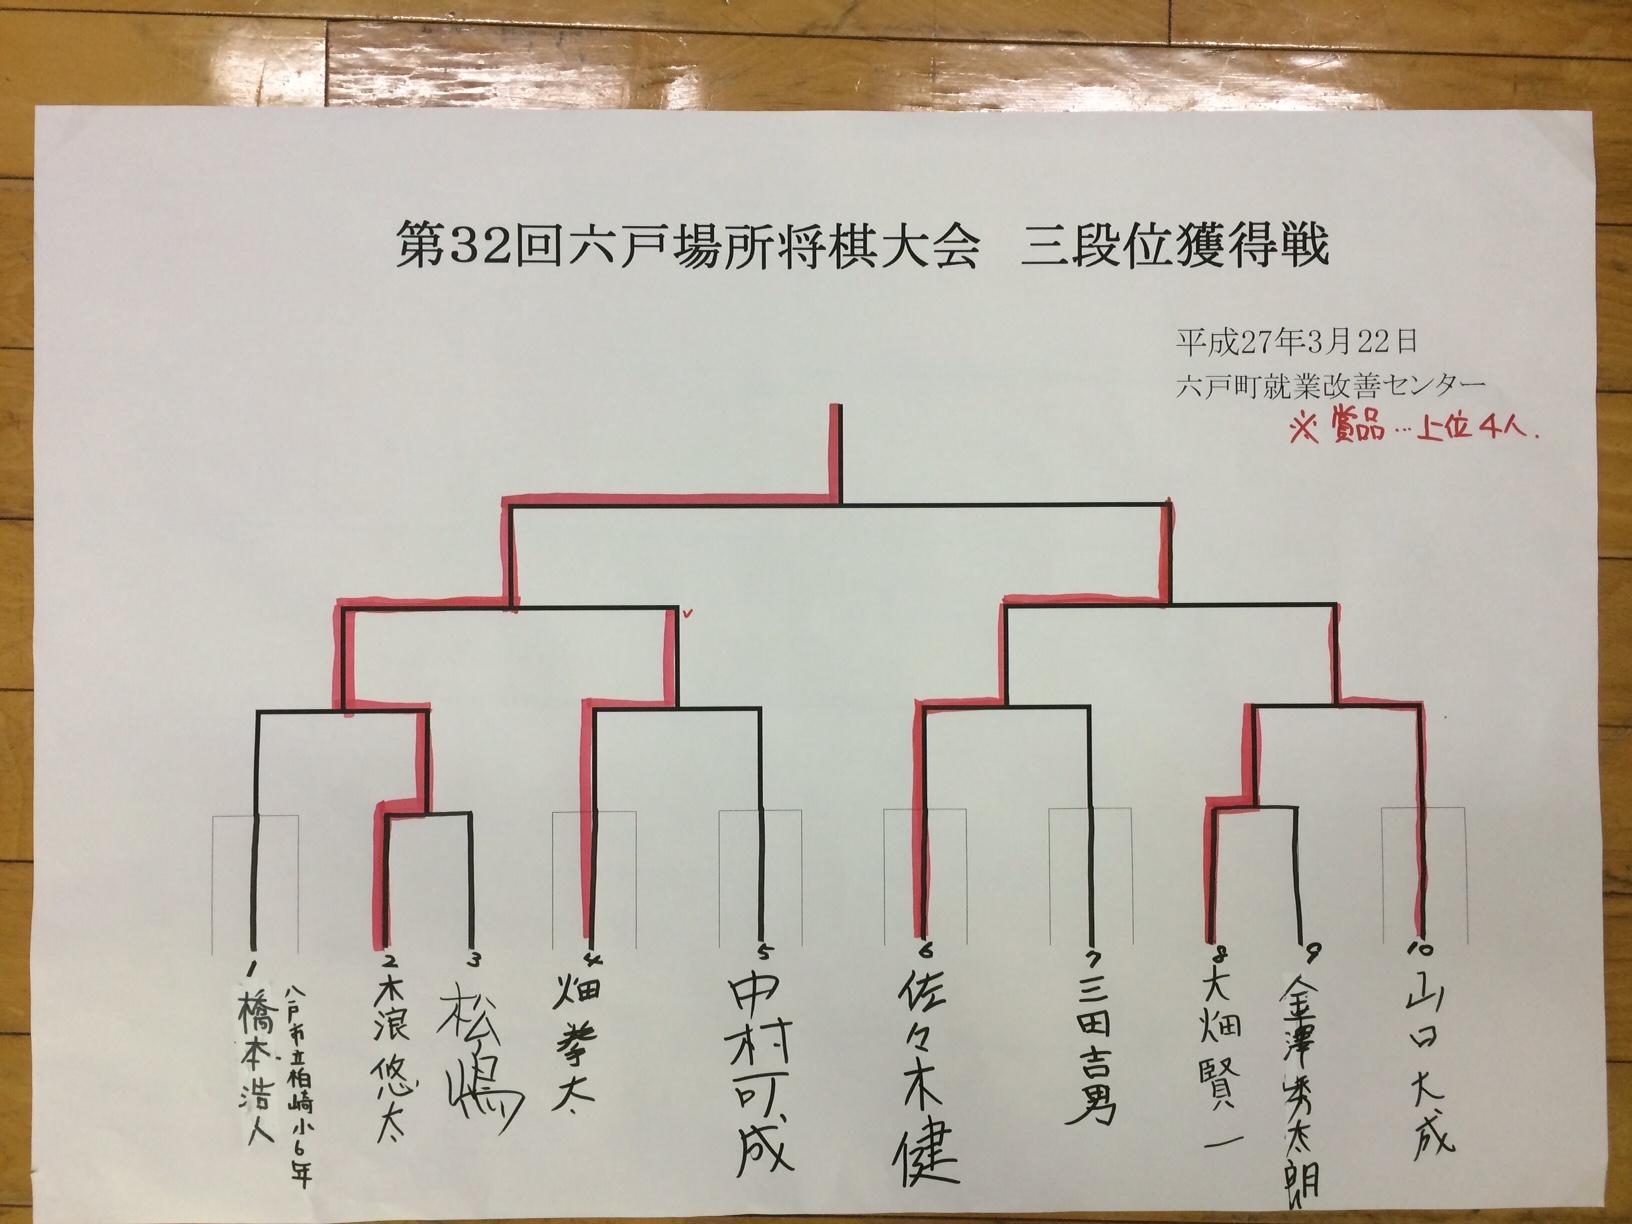 六戸場所 三段位獲得戦